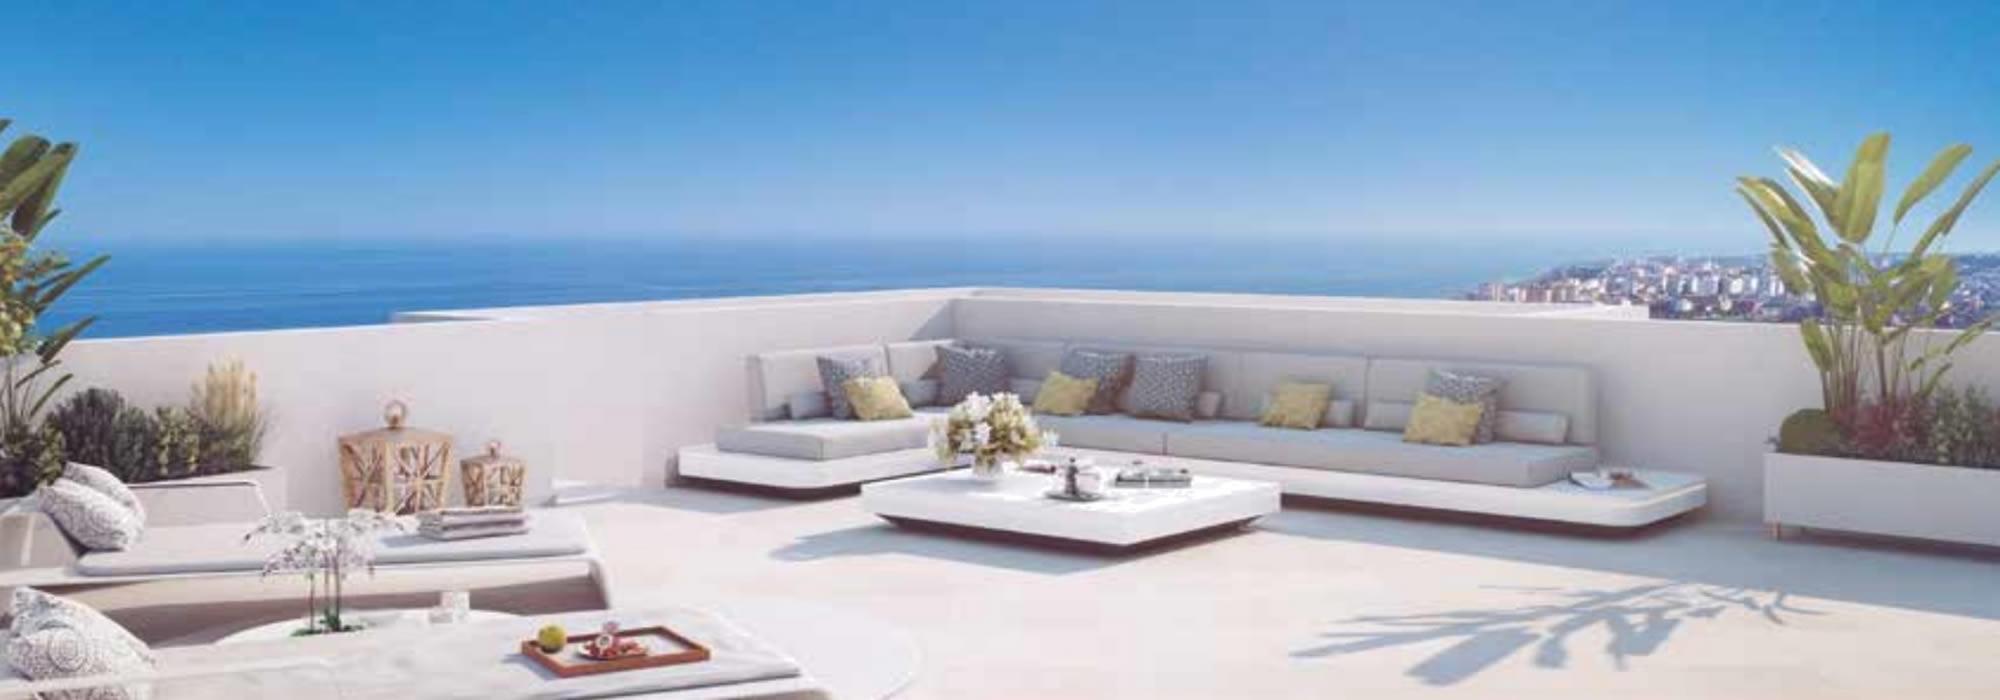 Pisos con terrazas al sol en primera linea de golf, Torre del Mar